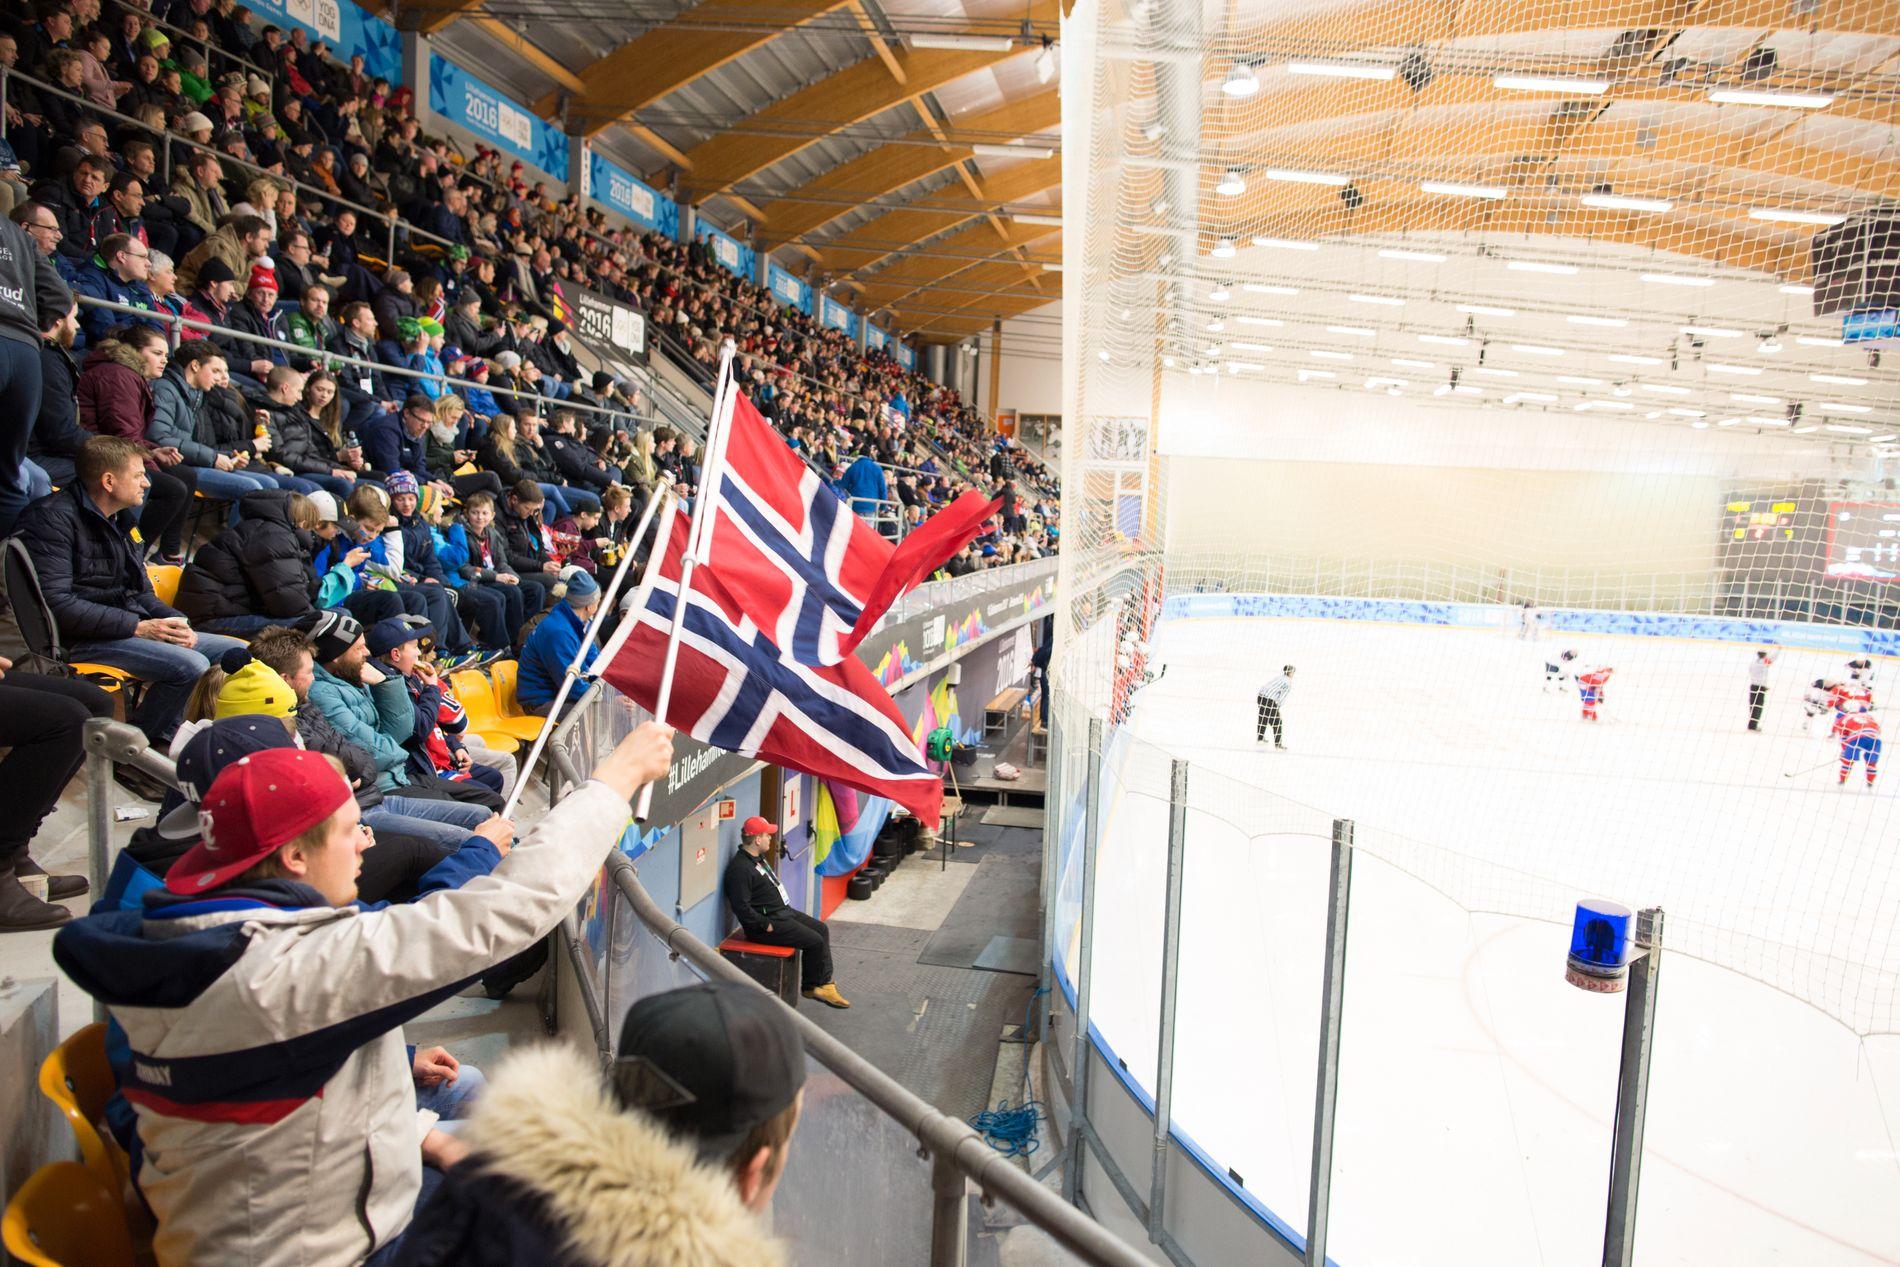 OL 2016: Ishockey i Kristins Hall under ungdoms-OL i 2016. Dette bilde er fra kampen Norge-USA, noe som endte med norsk tap 8-0.